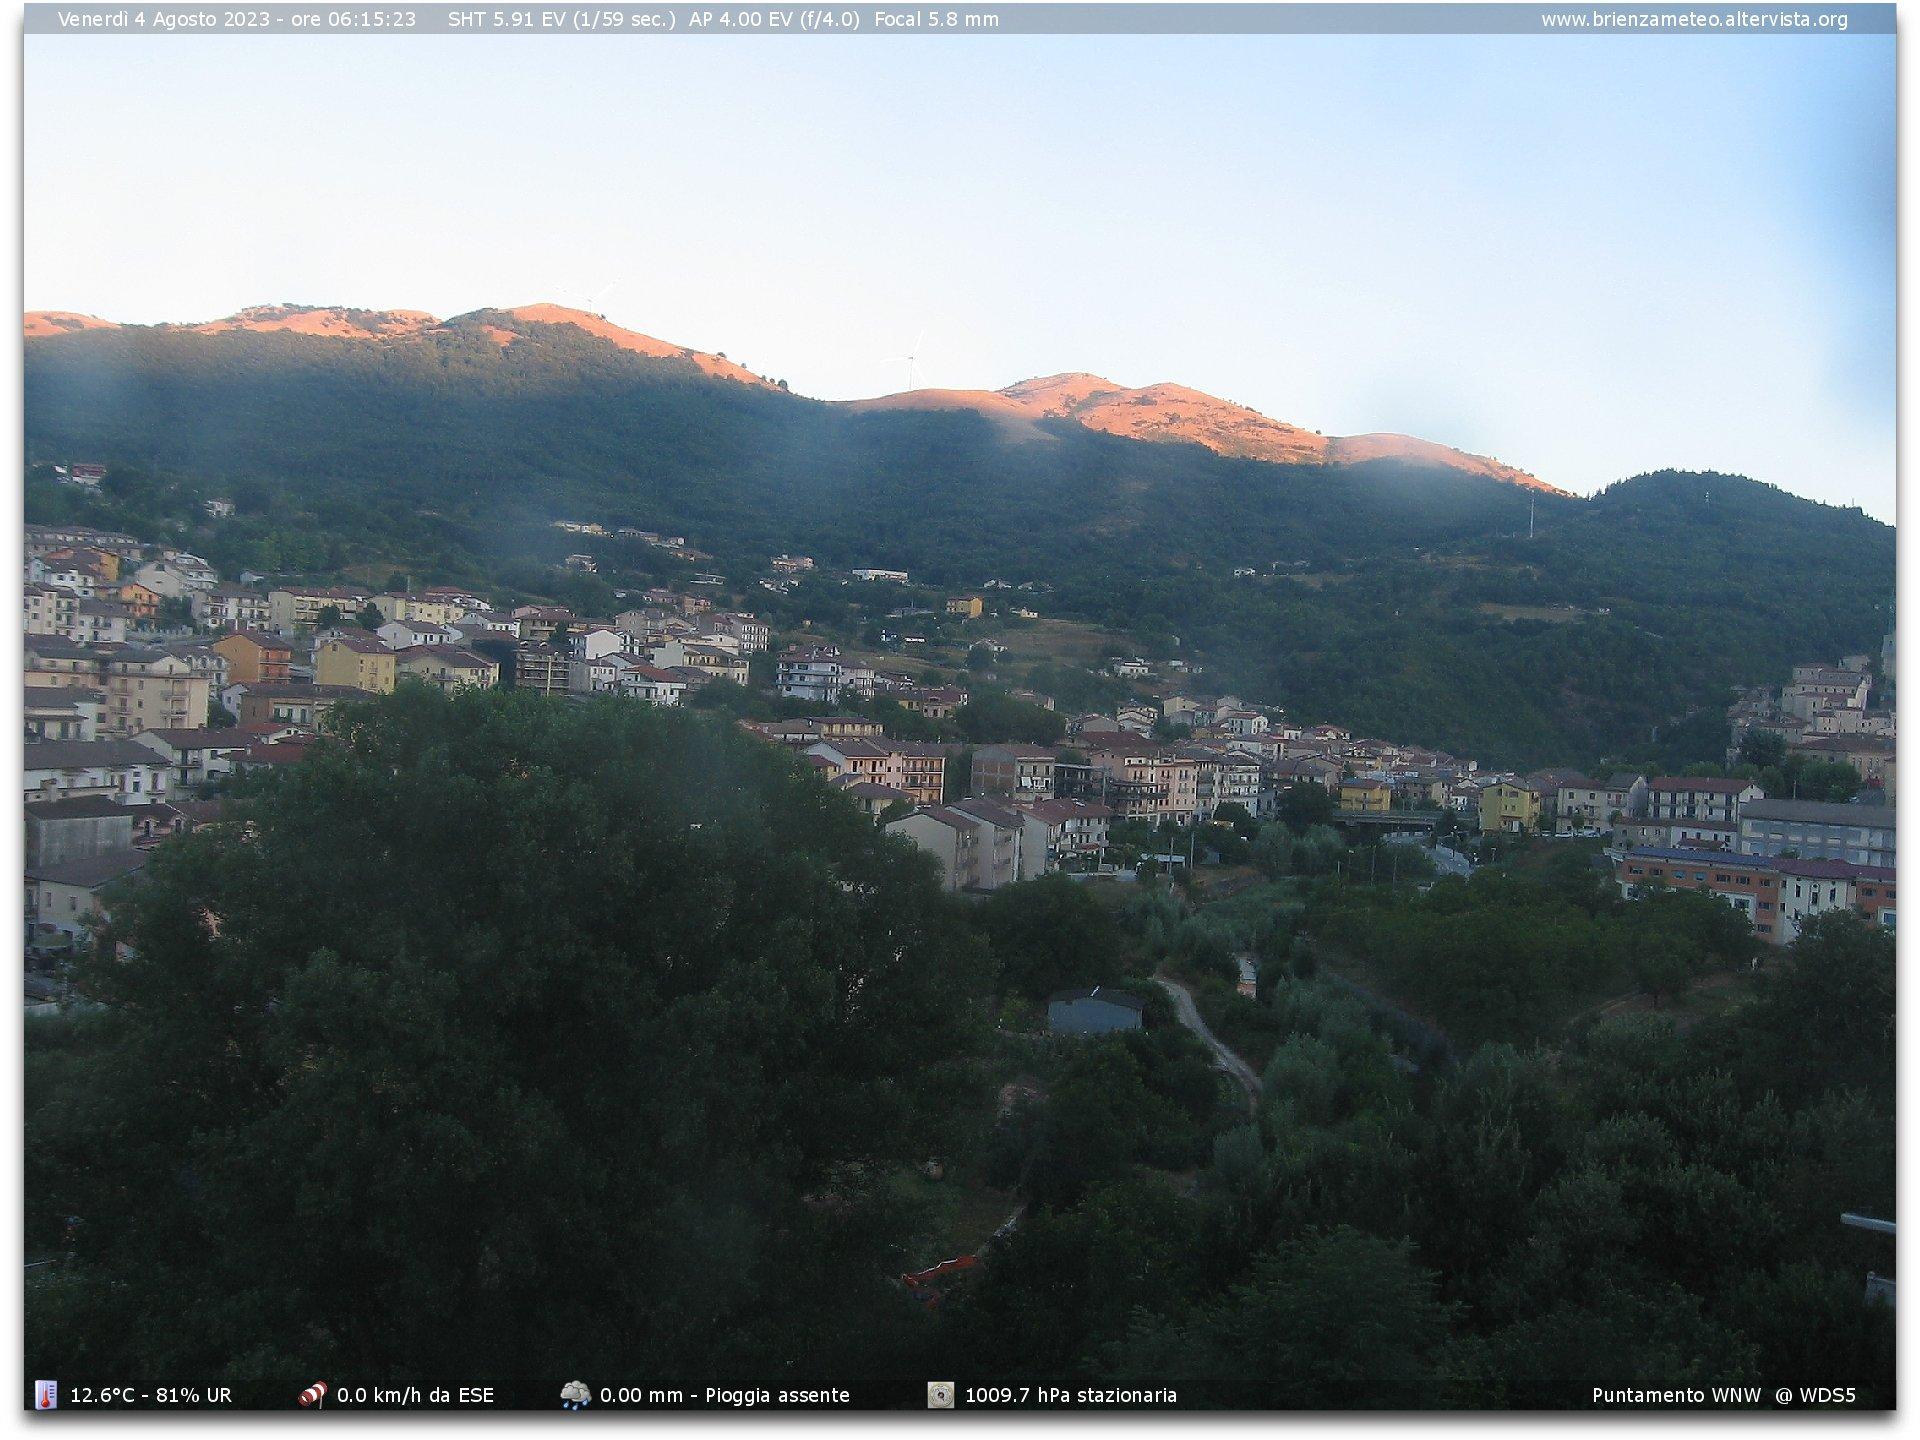 http://www.brienzameteo.altervista.org/cam.jpg